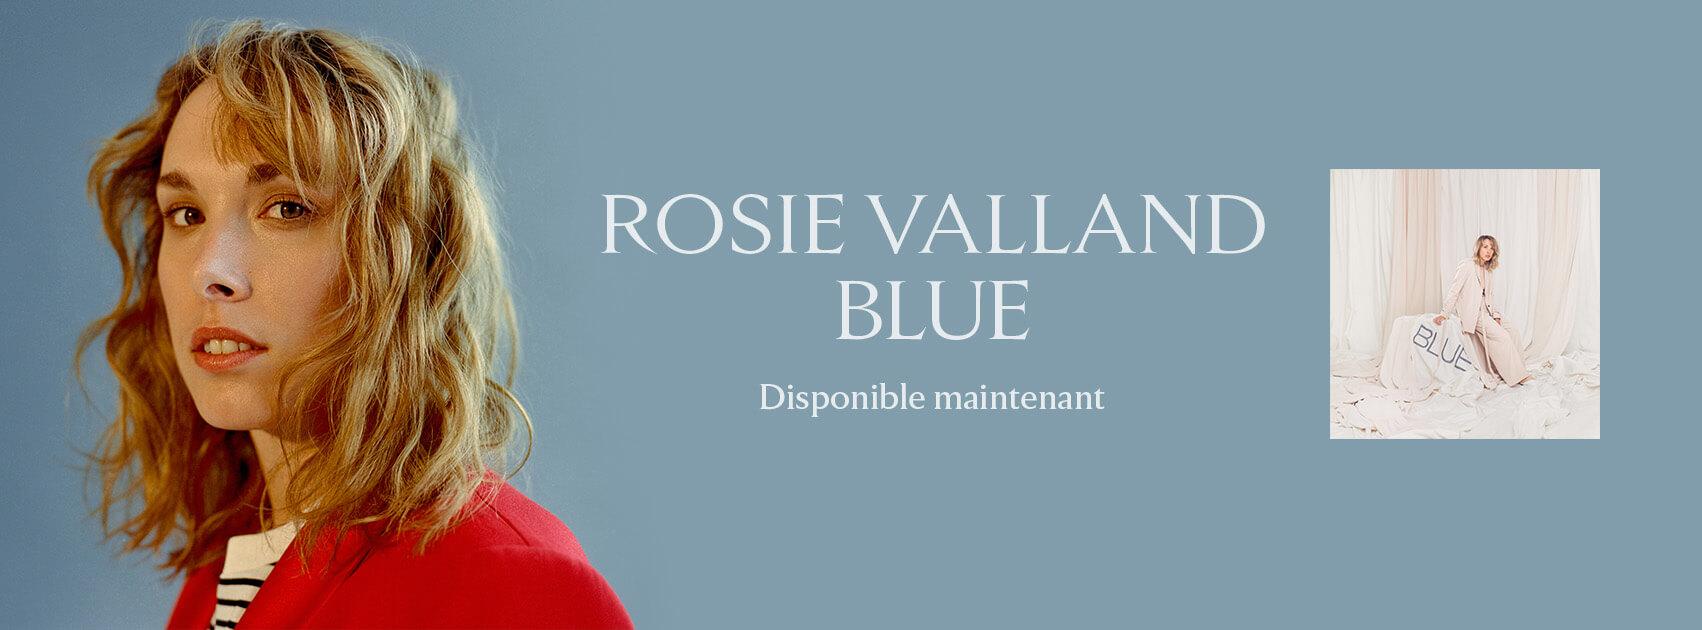 RosieValland-SCRWebsite-FR[1]